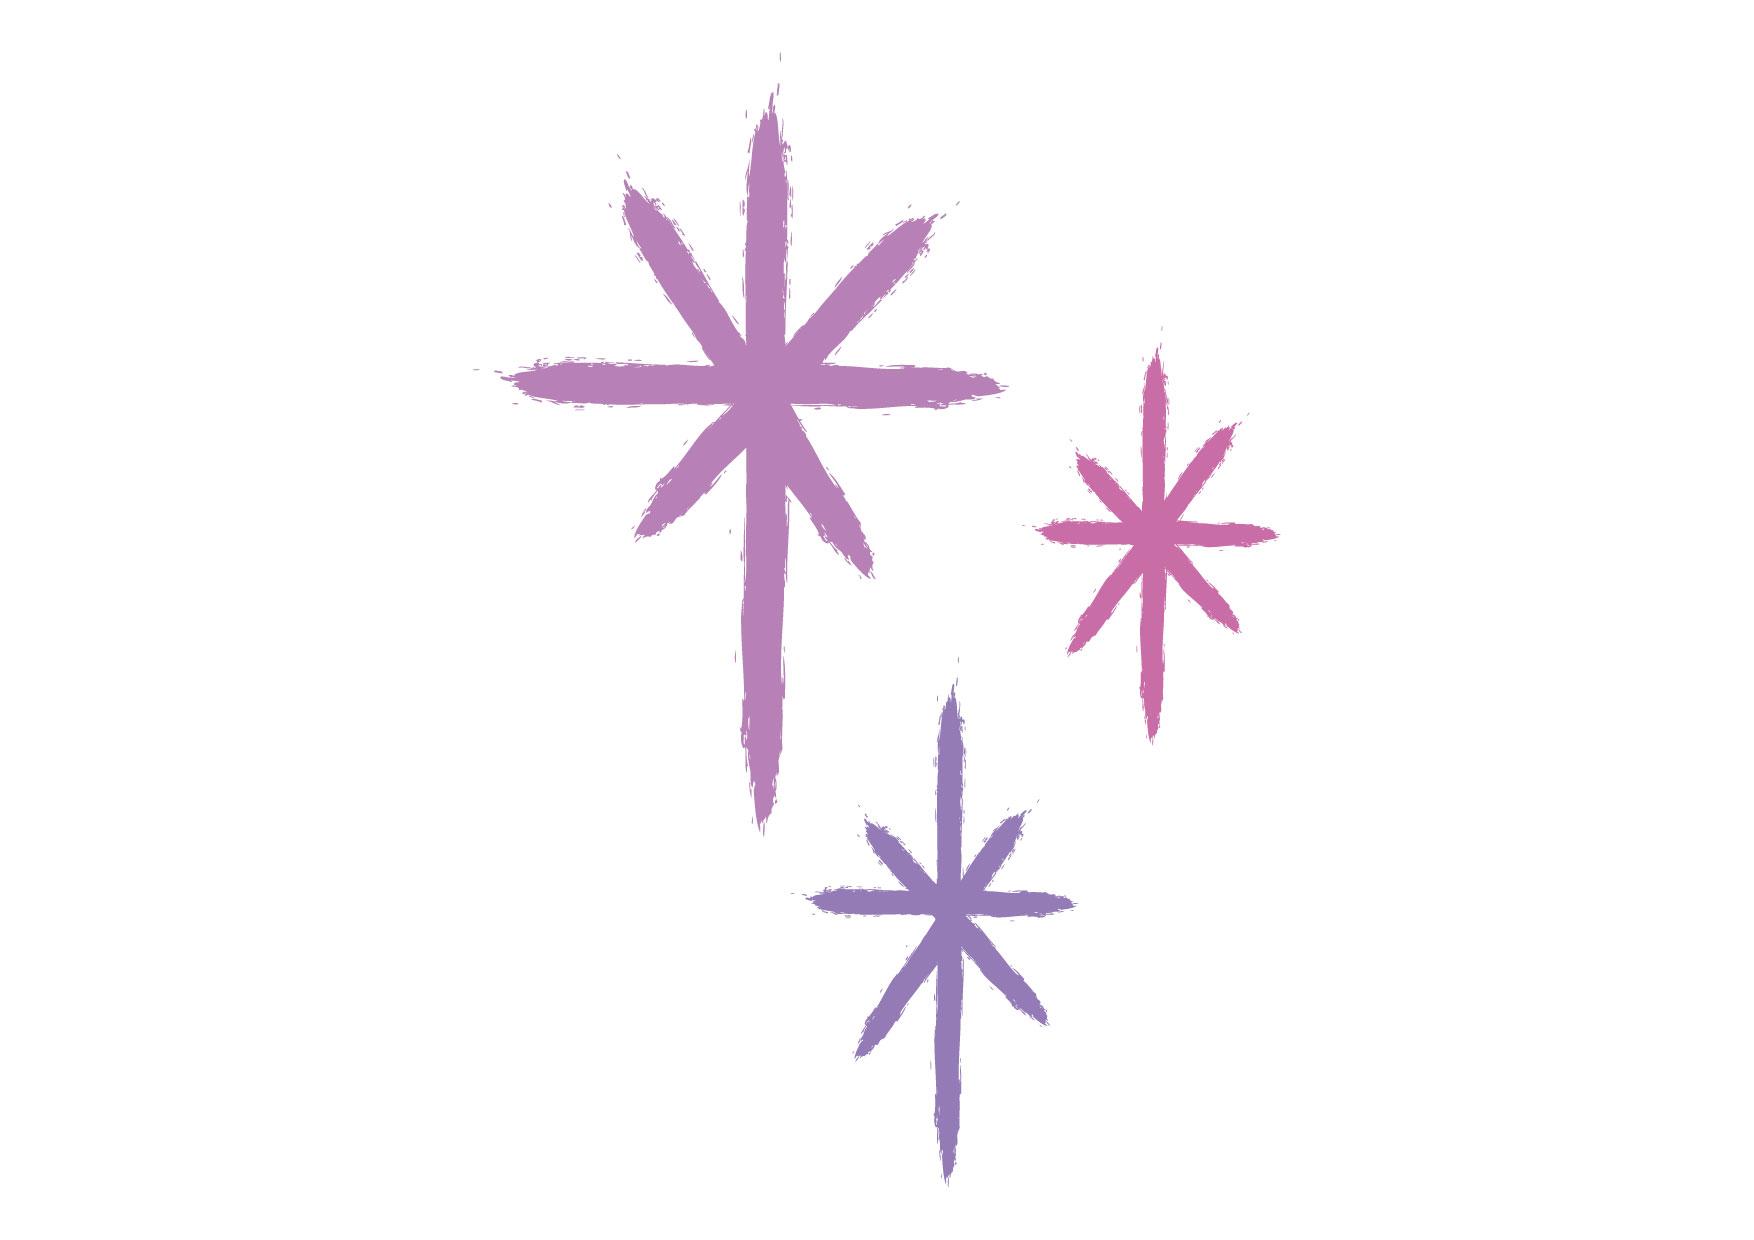 可愛いイラスト無料|キラキラ 光 紫 − free illustration Glitter light Purple